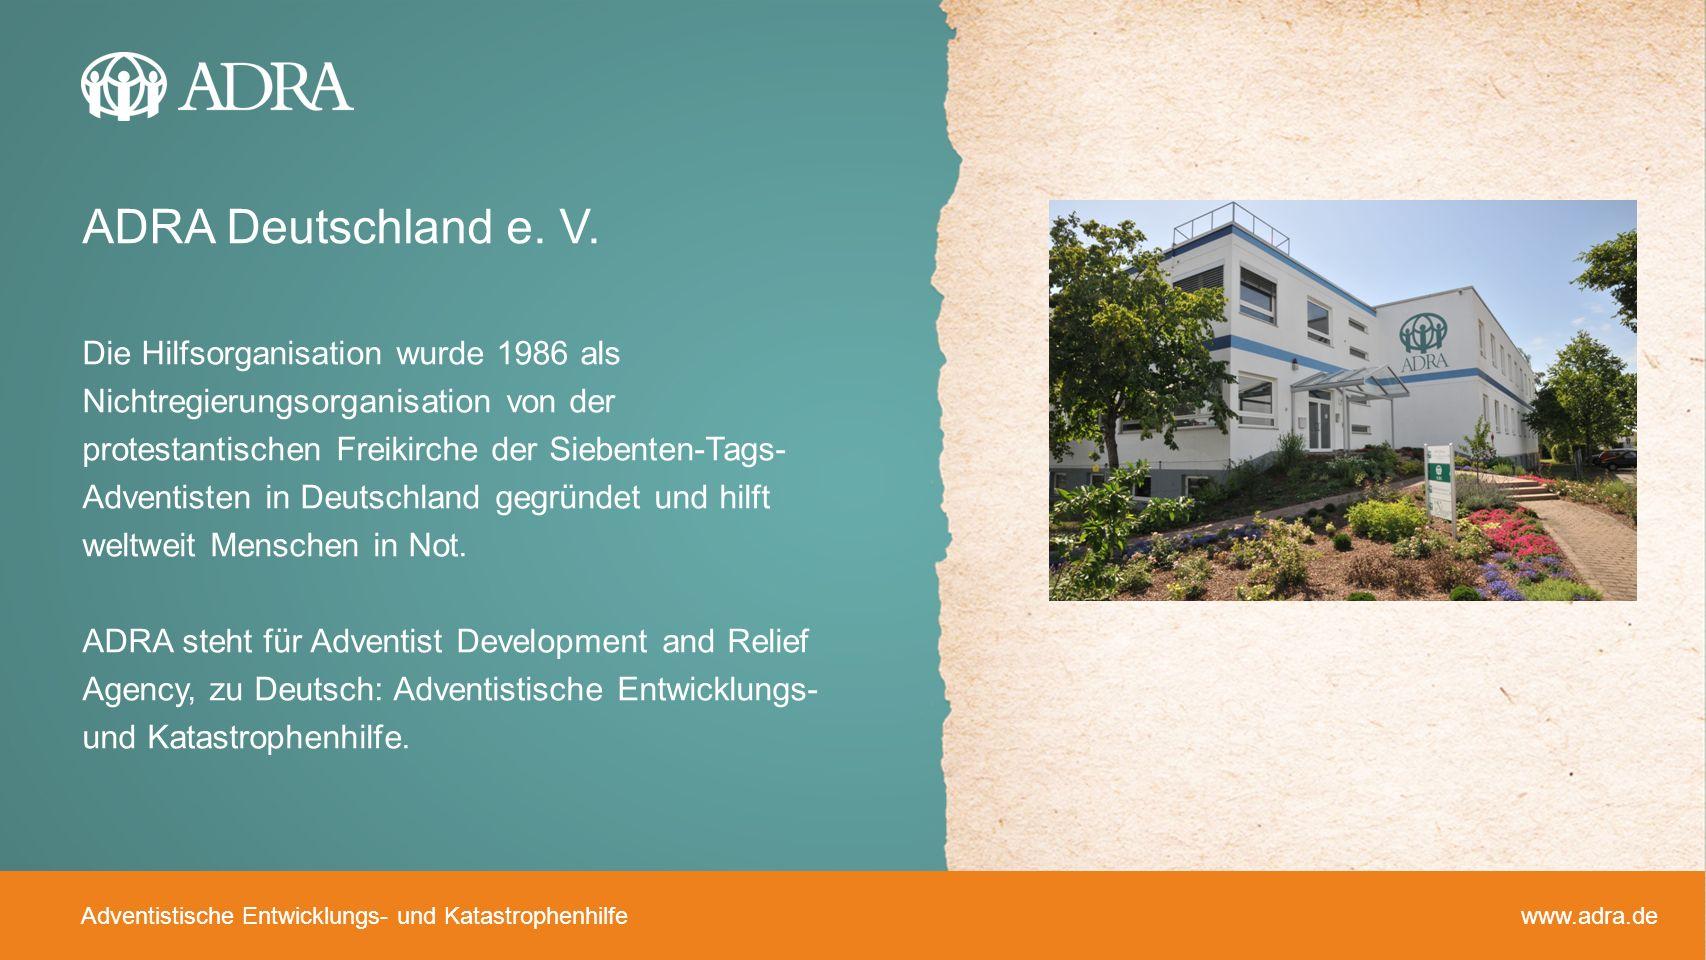 ADRA Deutschland e. V.